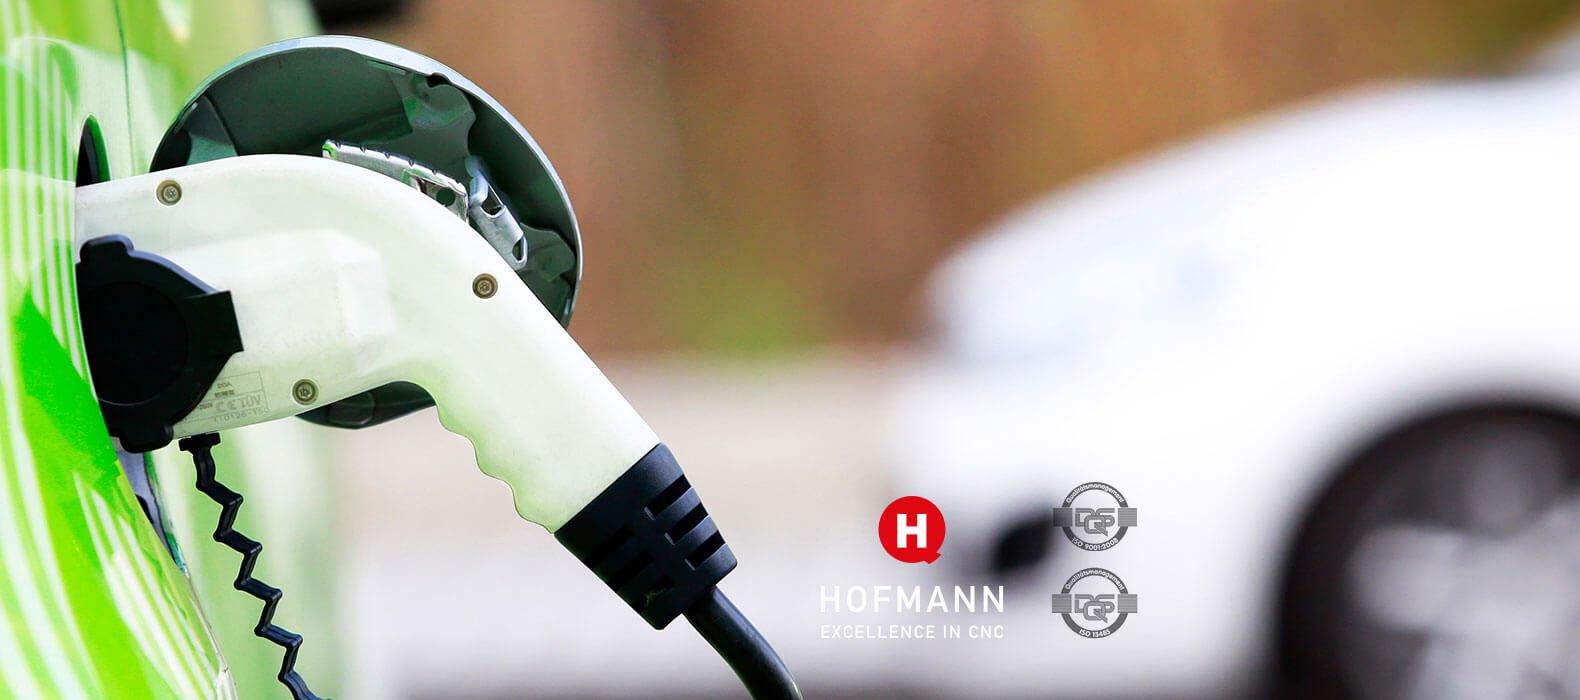 Hofmann CNC · Automotive · E-Technik